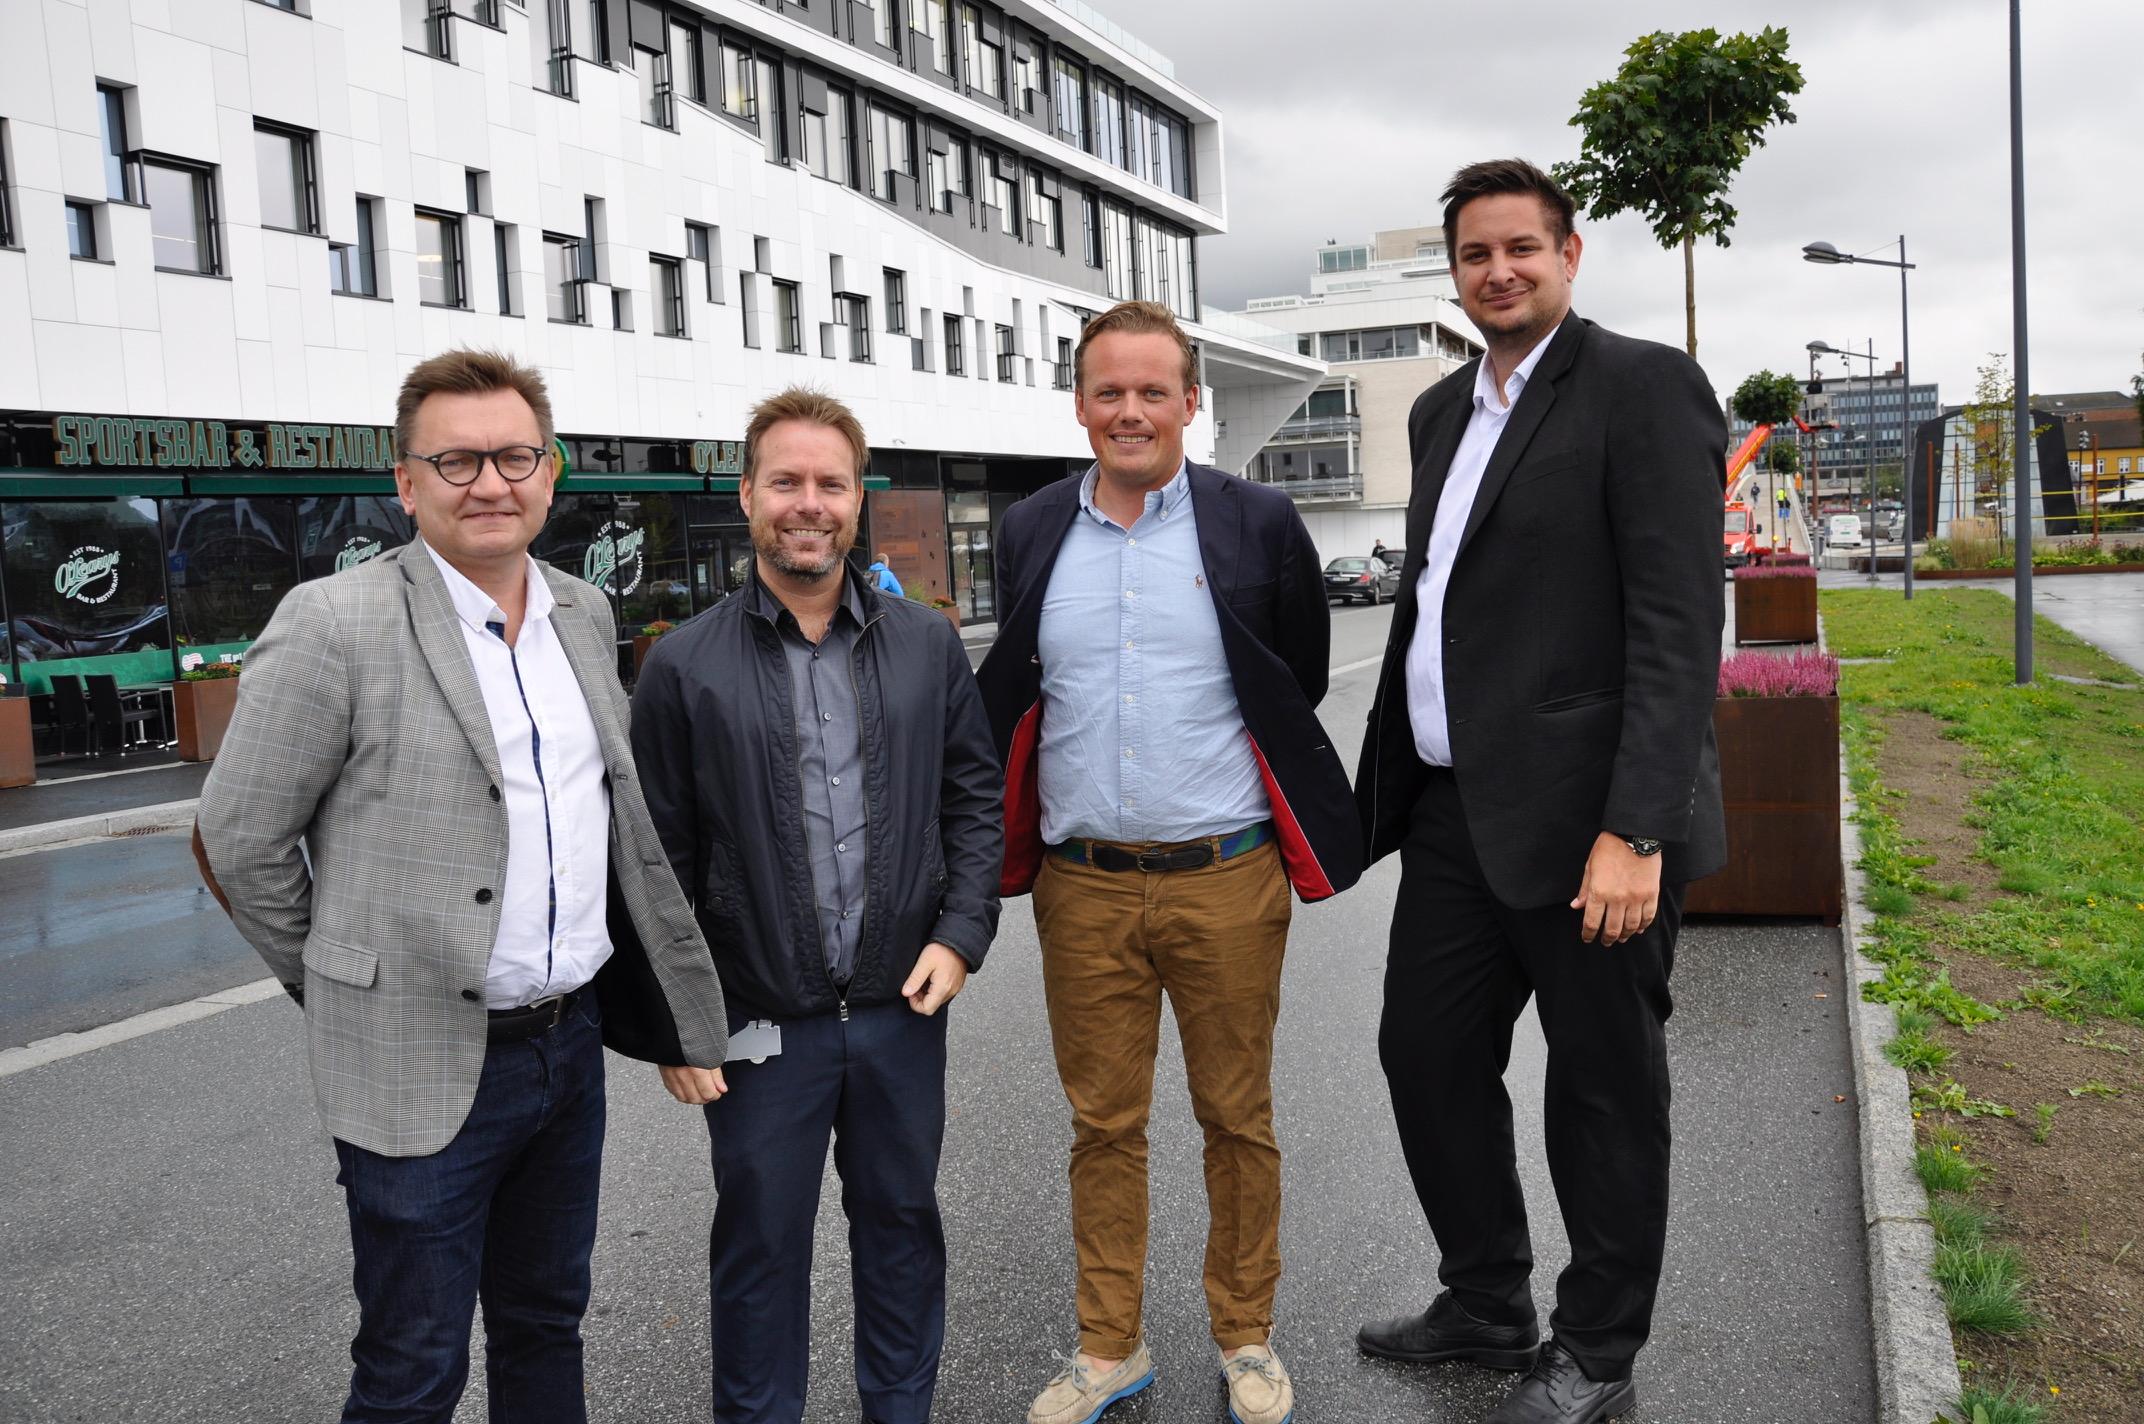 Øivind Kvammen (Værste AS), André Sørensen (Elkjøp), Magnus Fredriksen (Værste AS) og Elkjøp-direktør Fredrik Tønnesen er godt fornøyde med avtalen. Foto:Kristian Bolstad